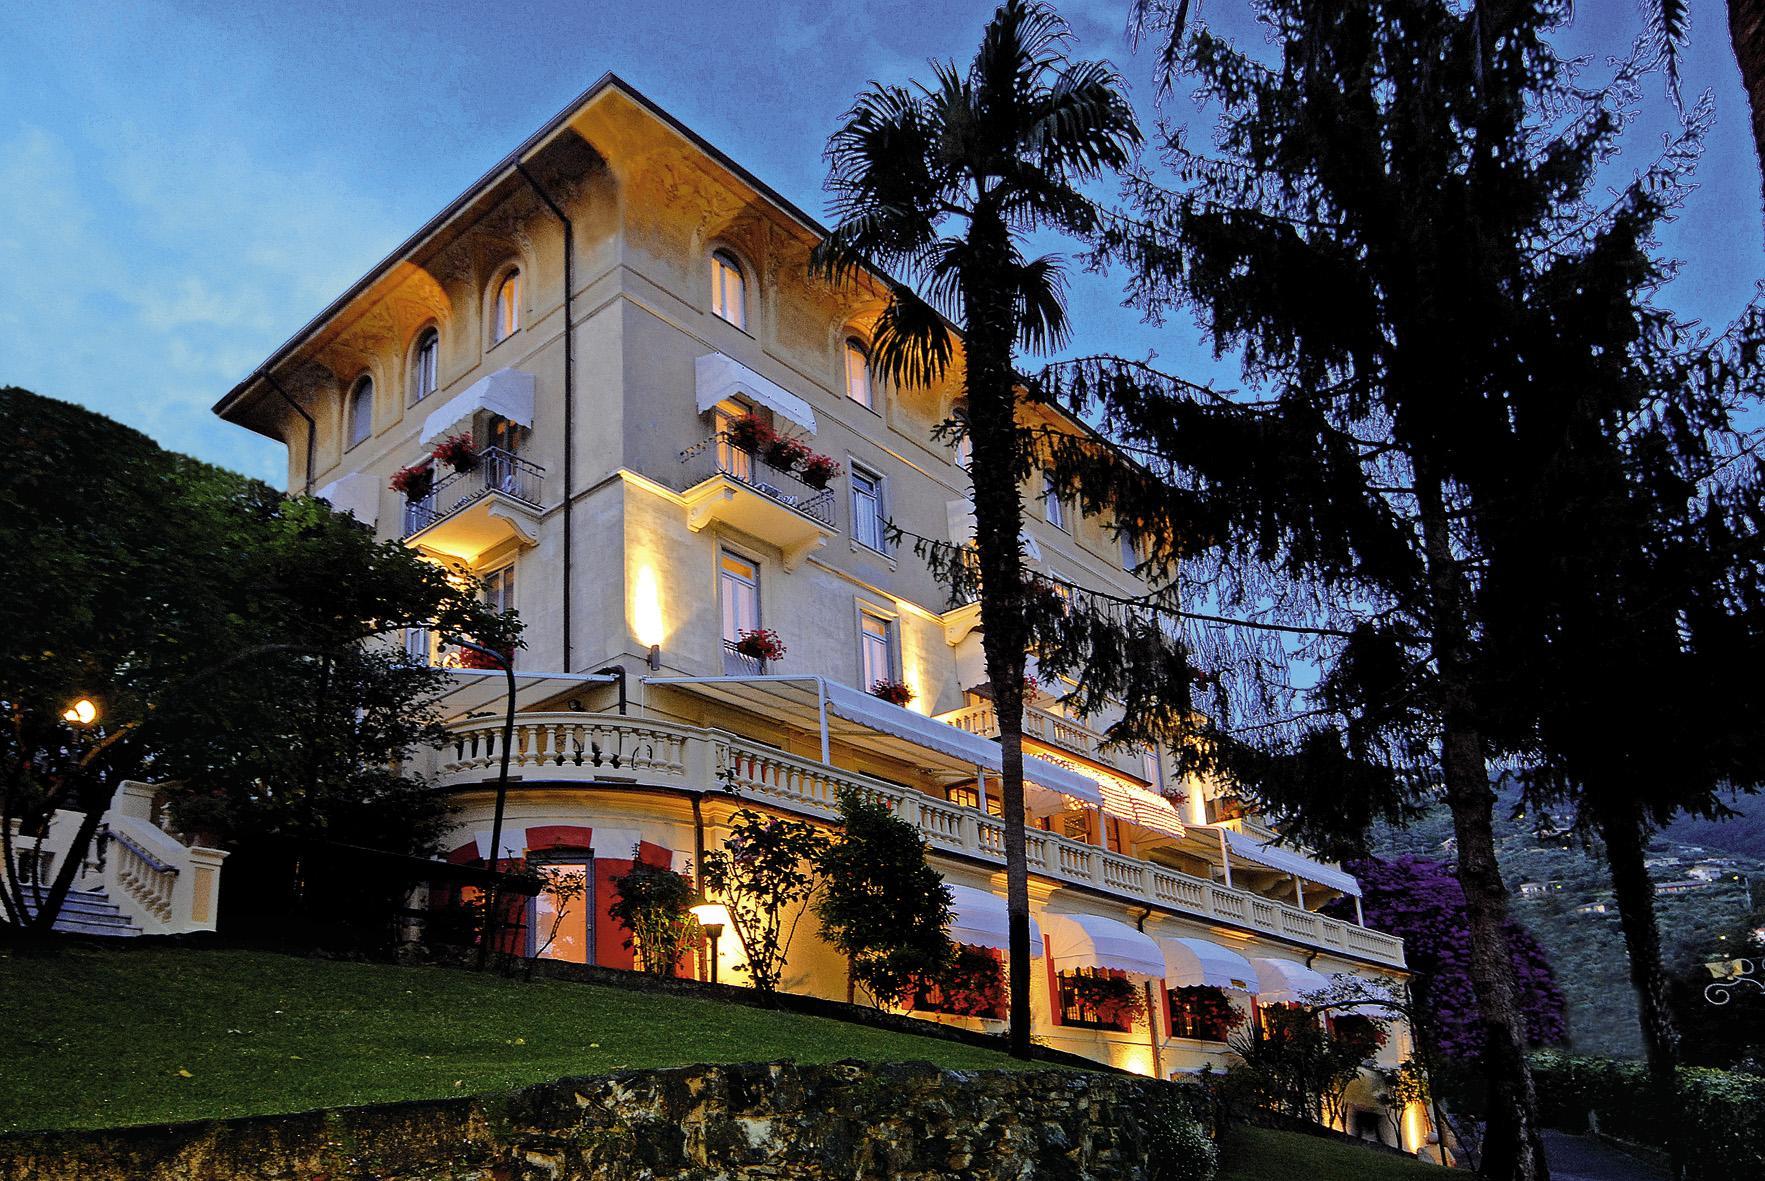 Esterna Hotel Canali Rapallo